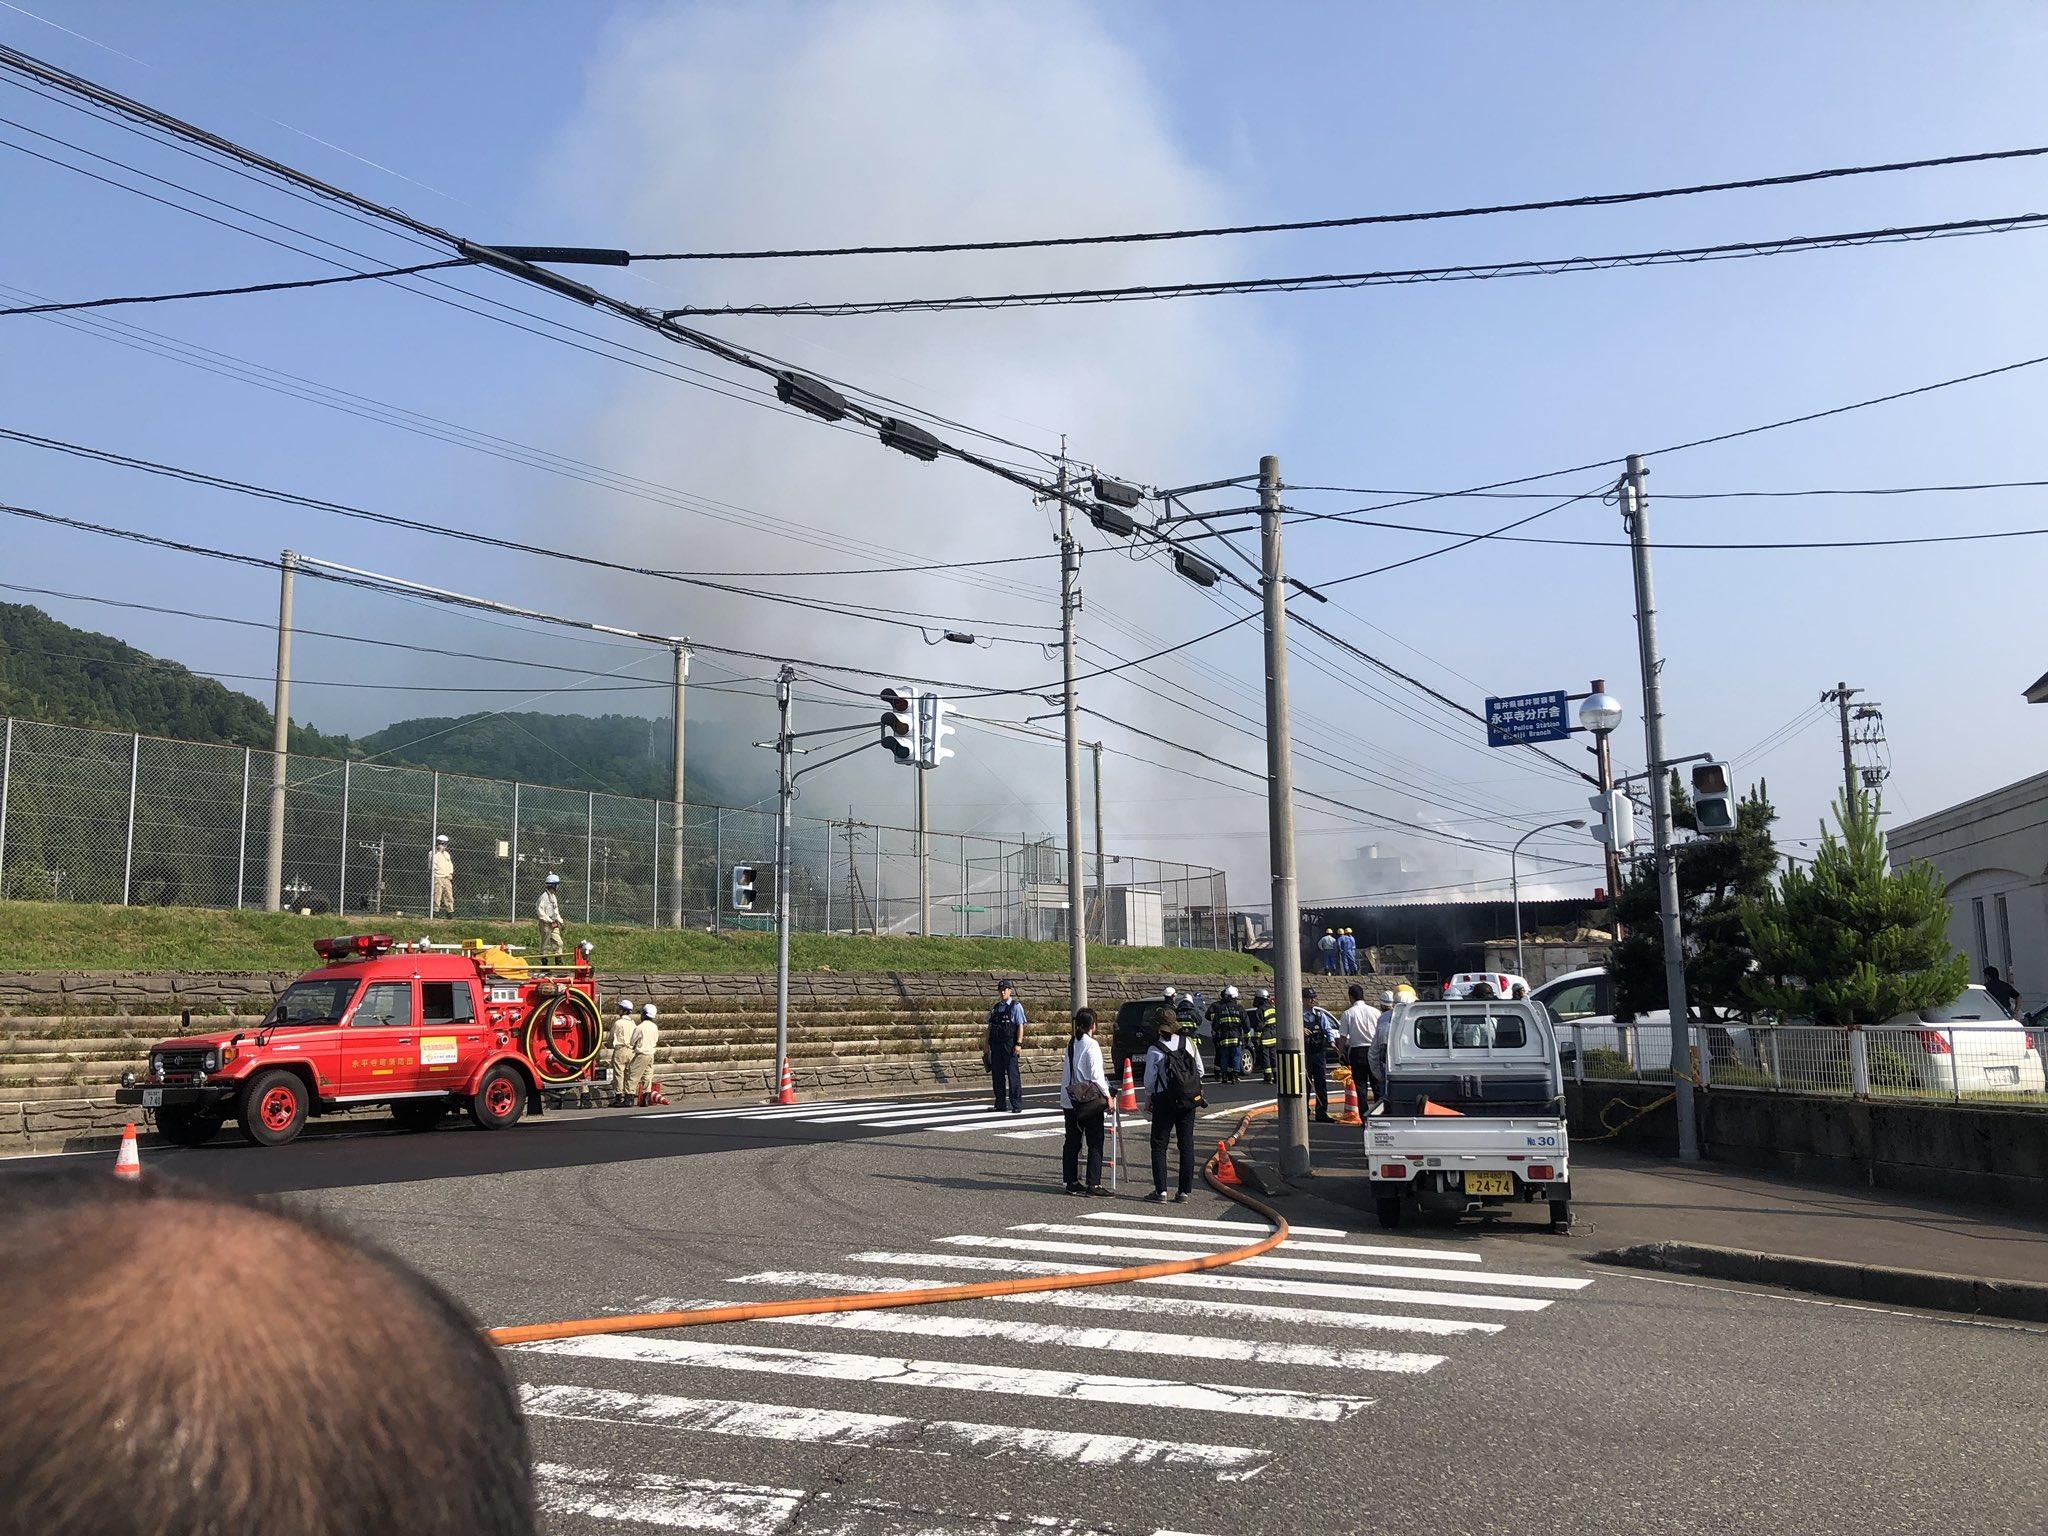 画像,工場の火事やべえな https://t.co/RYotXqoAOu。